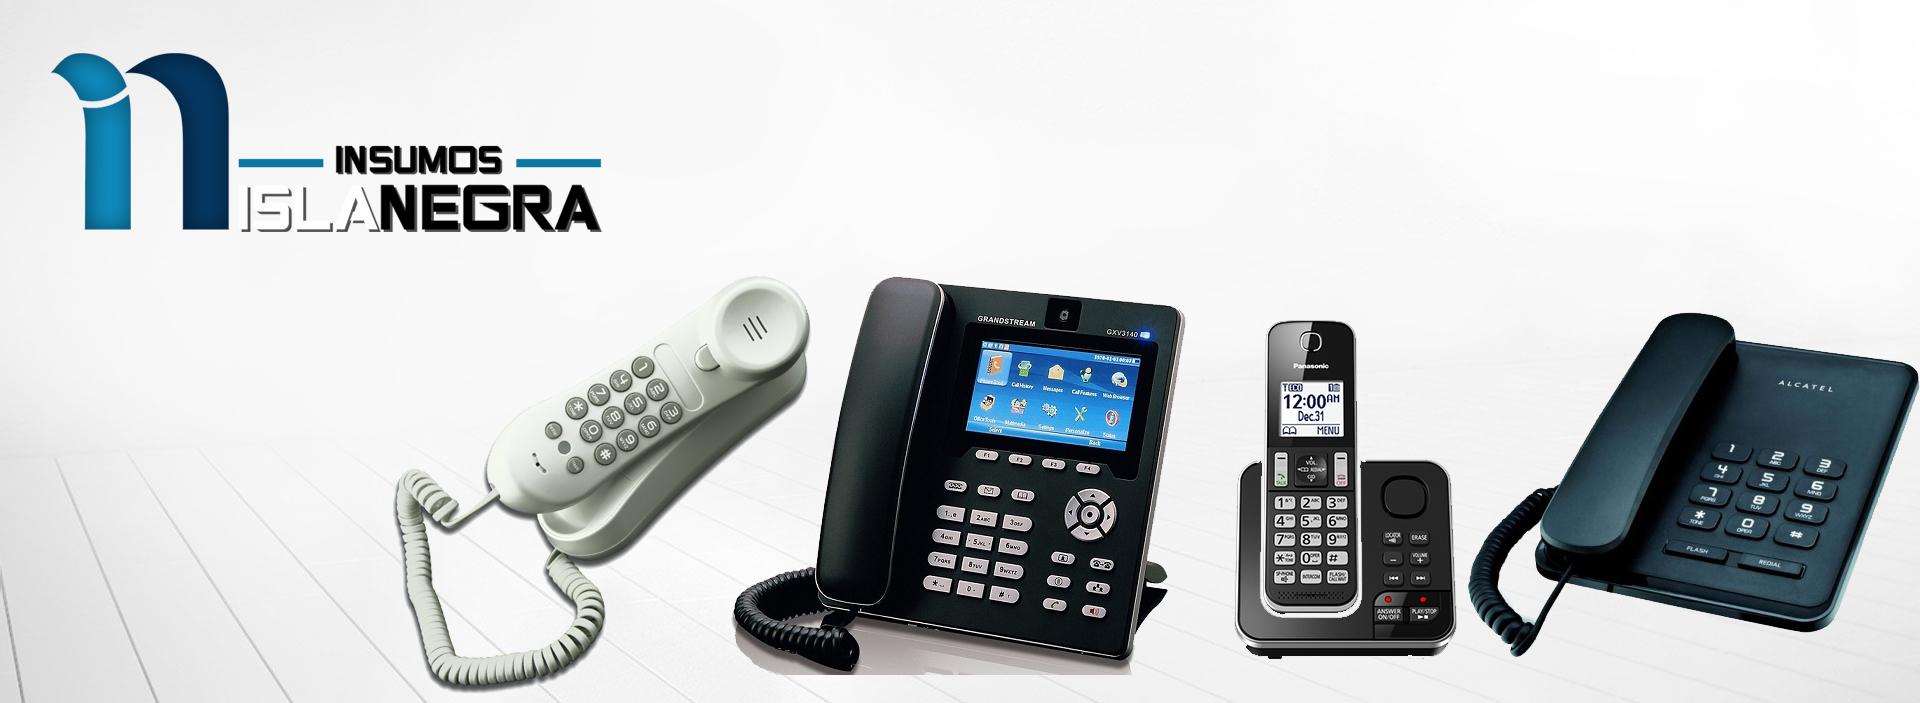 Telefonos y Accesorios